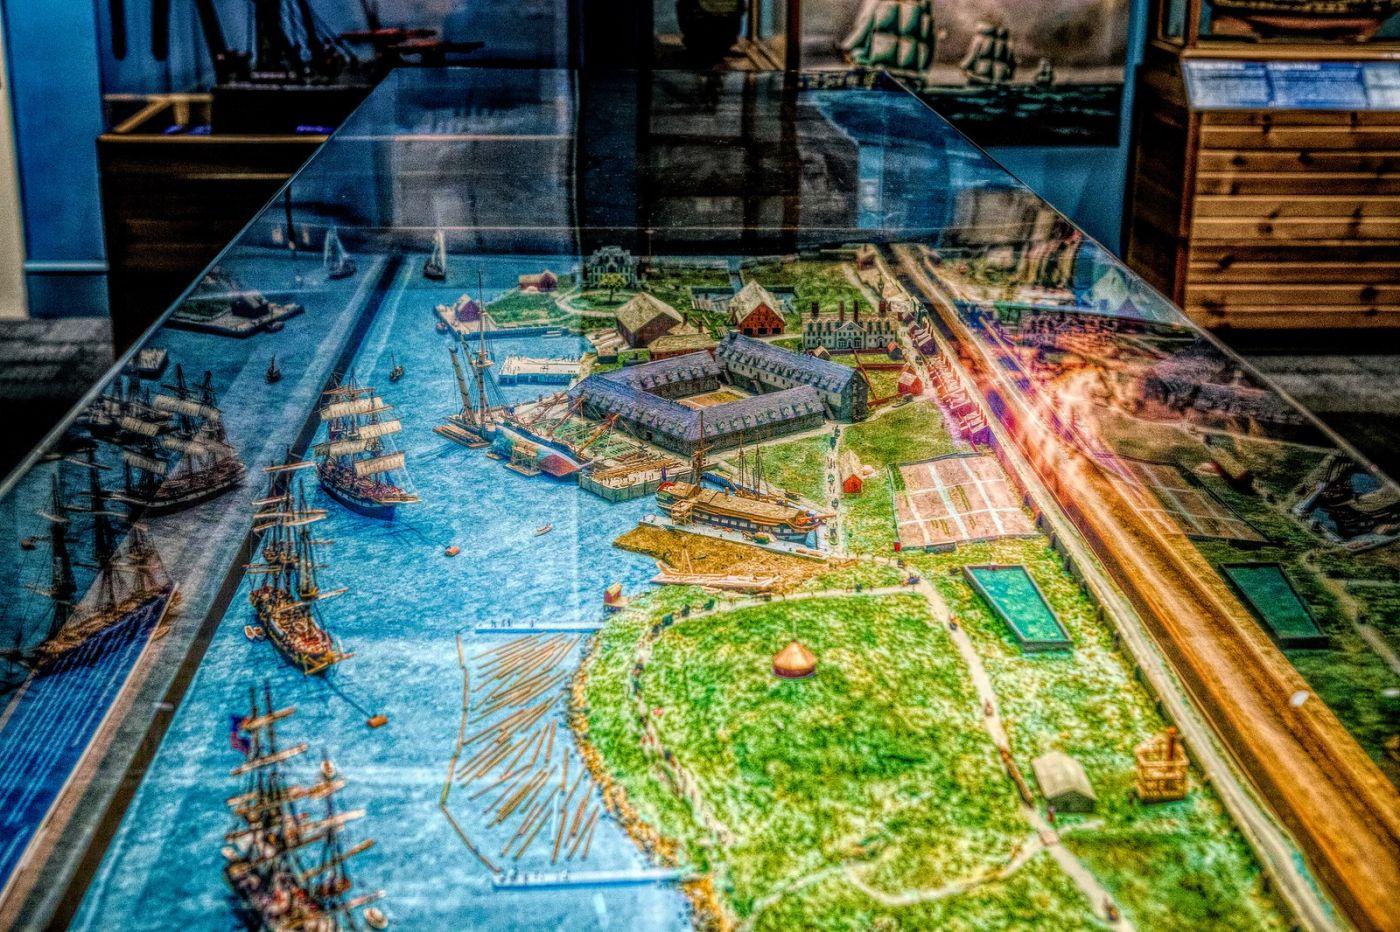 加拿大Halifax大西洋海事博物馆,展品丰富_图1-16